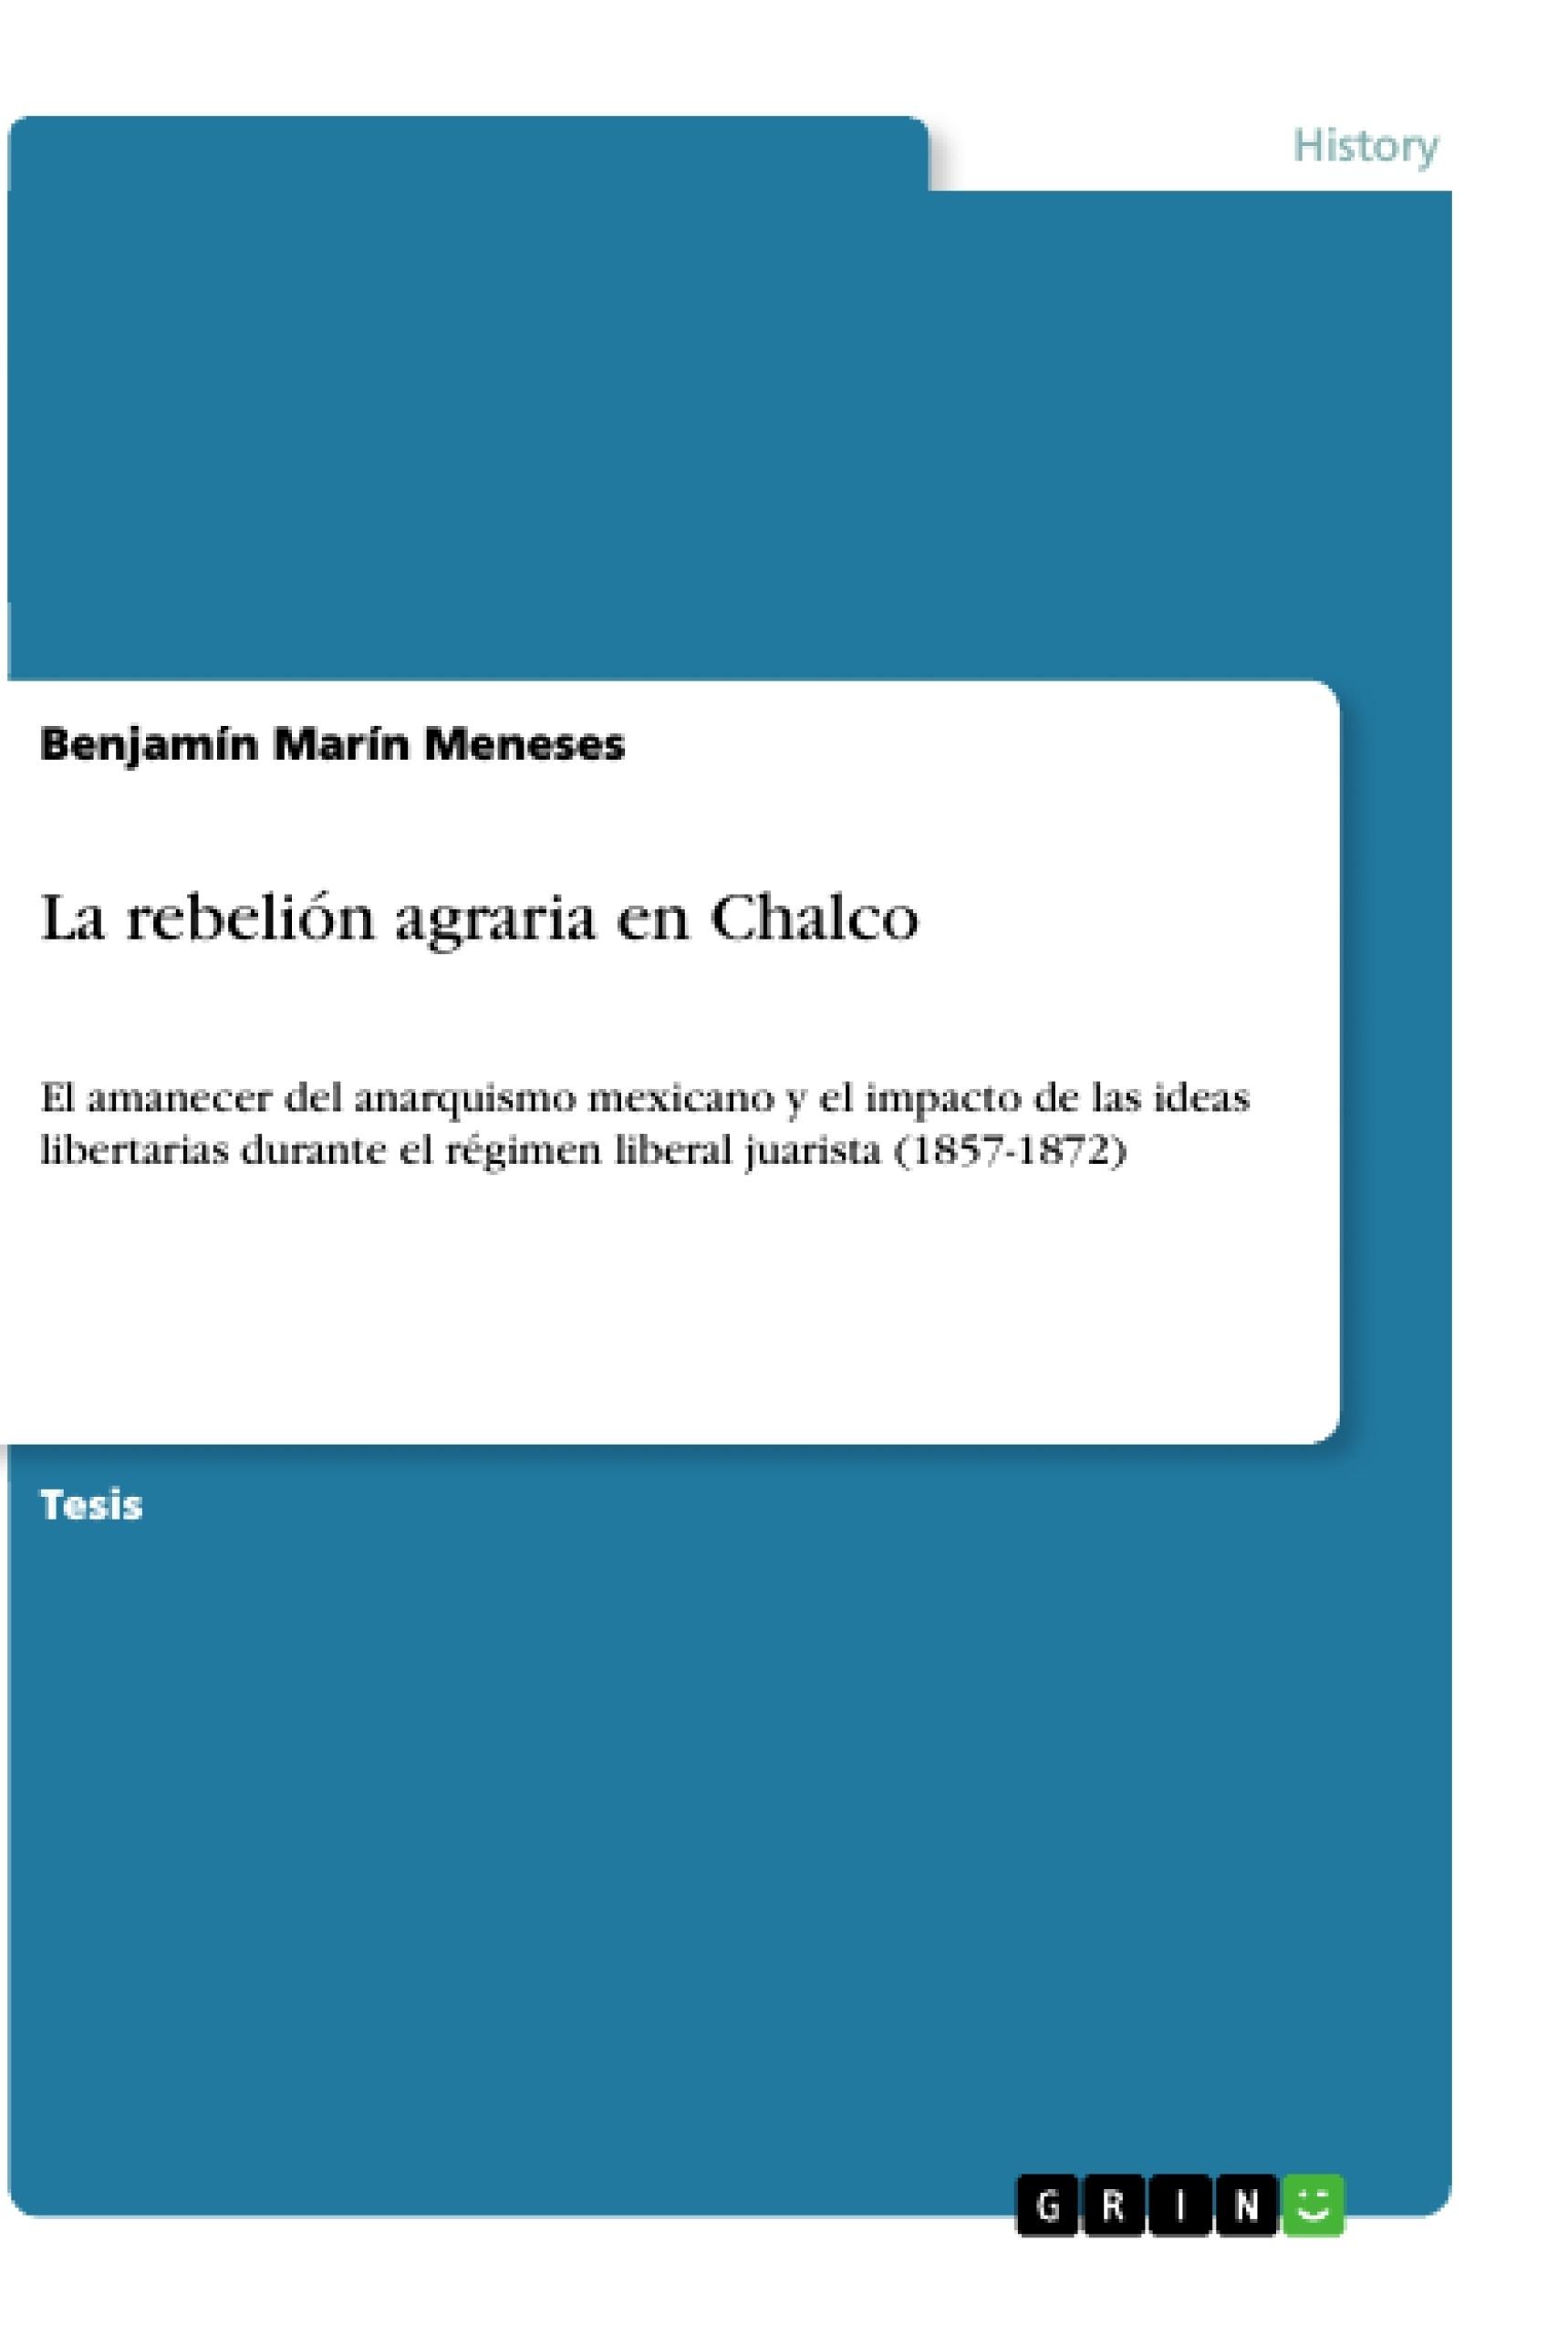 Título: La rebelión agraria en Chalco